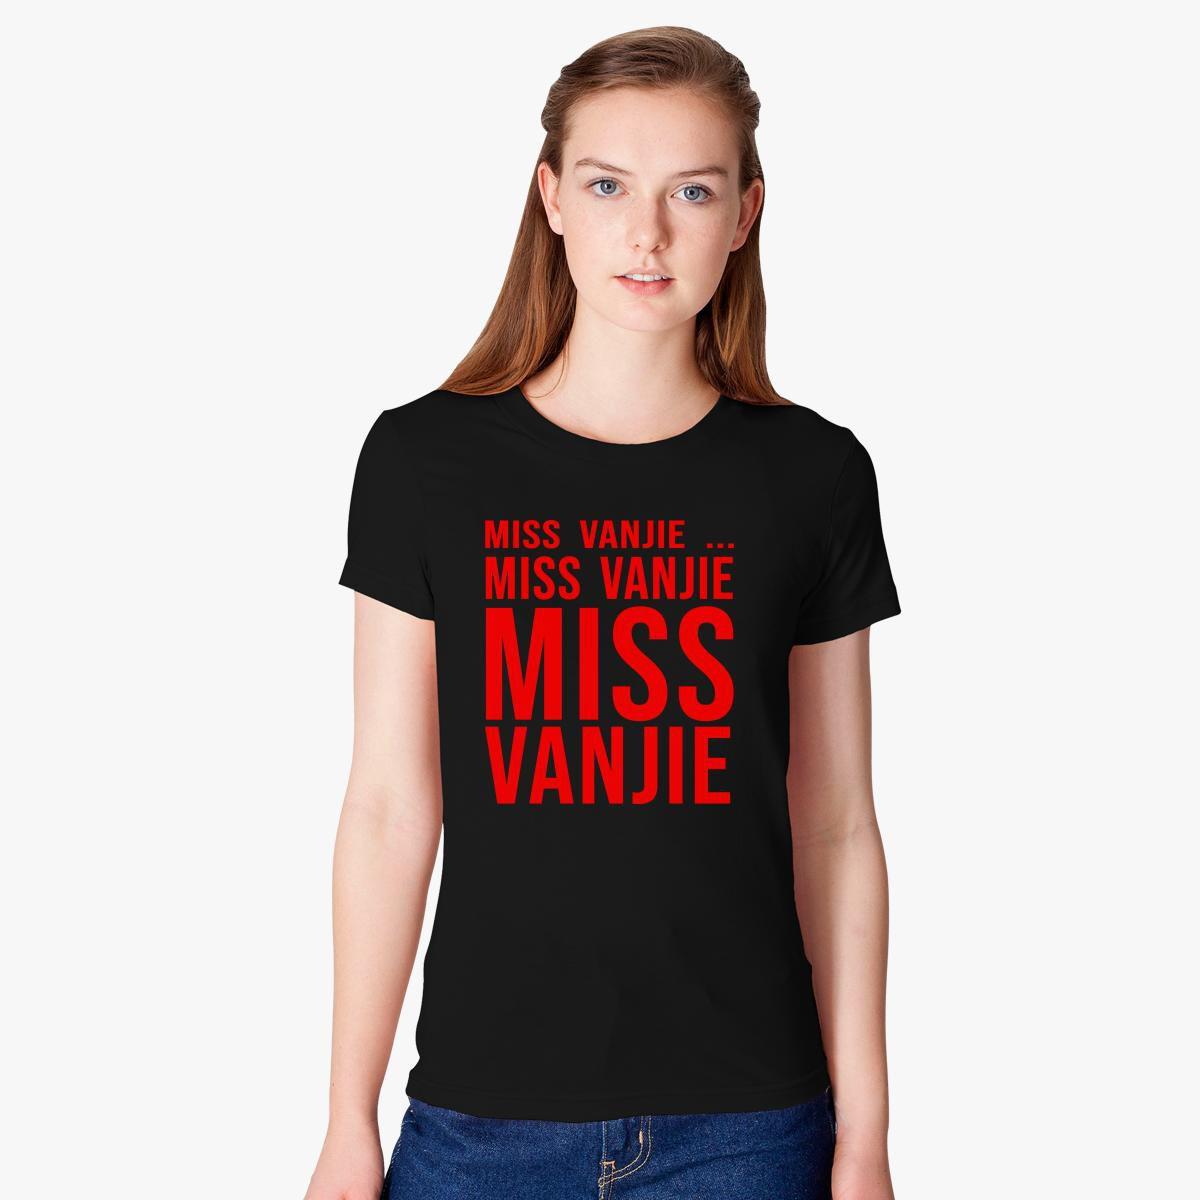 619dd8c2de Miss Vanjie Women s T-shirt - Customon